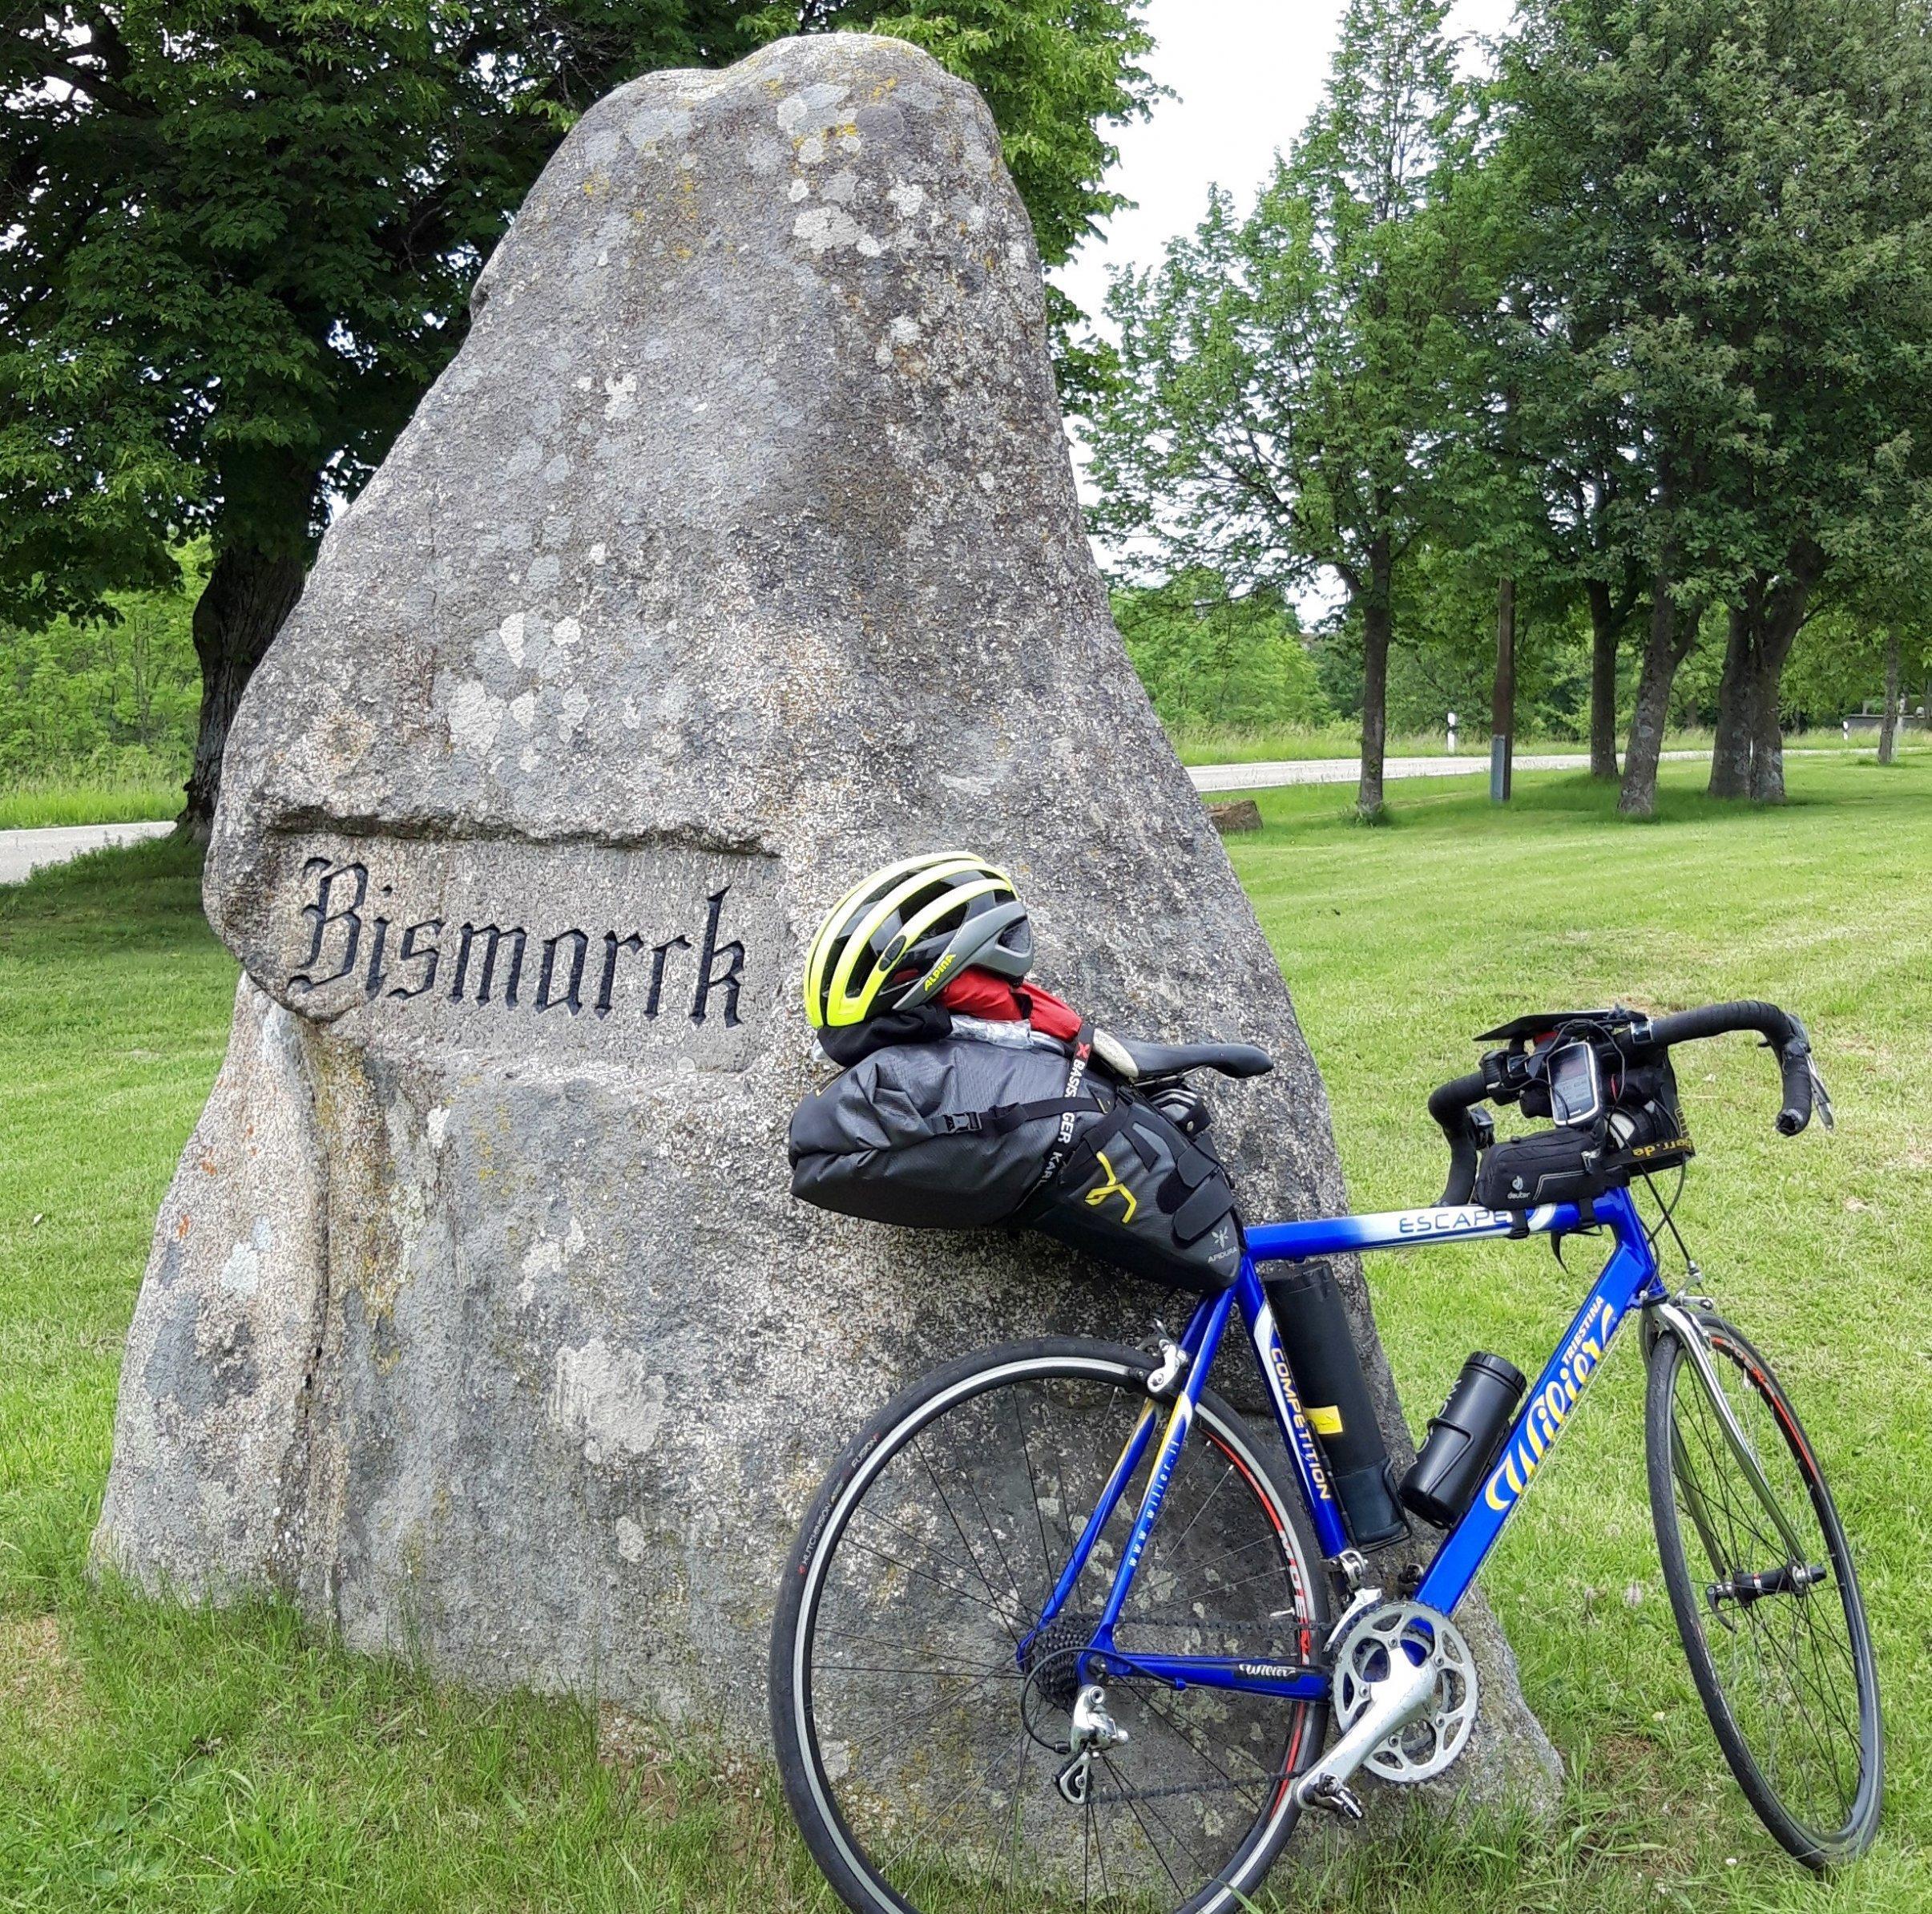 Das bepackte Rad des RadelndenReporters lehnt am Bismarck-Gedenkstein.